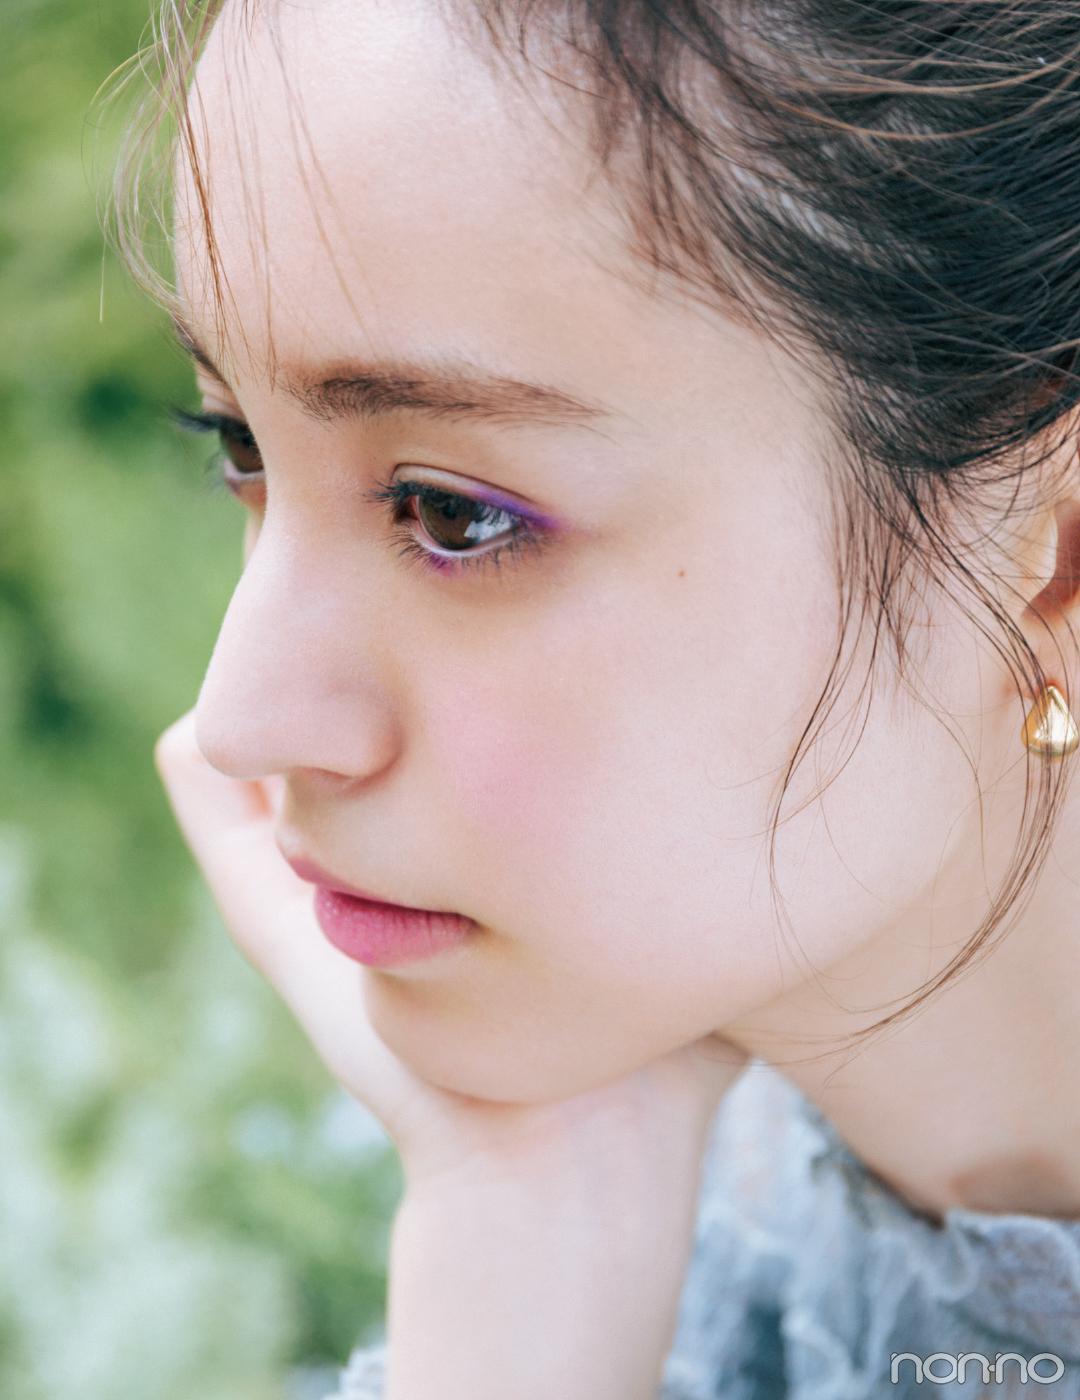 【2019秋の新作コスメ】アイシャドウはぶどう色が狙い目!_1_2